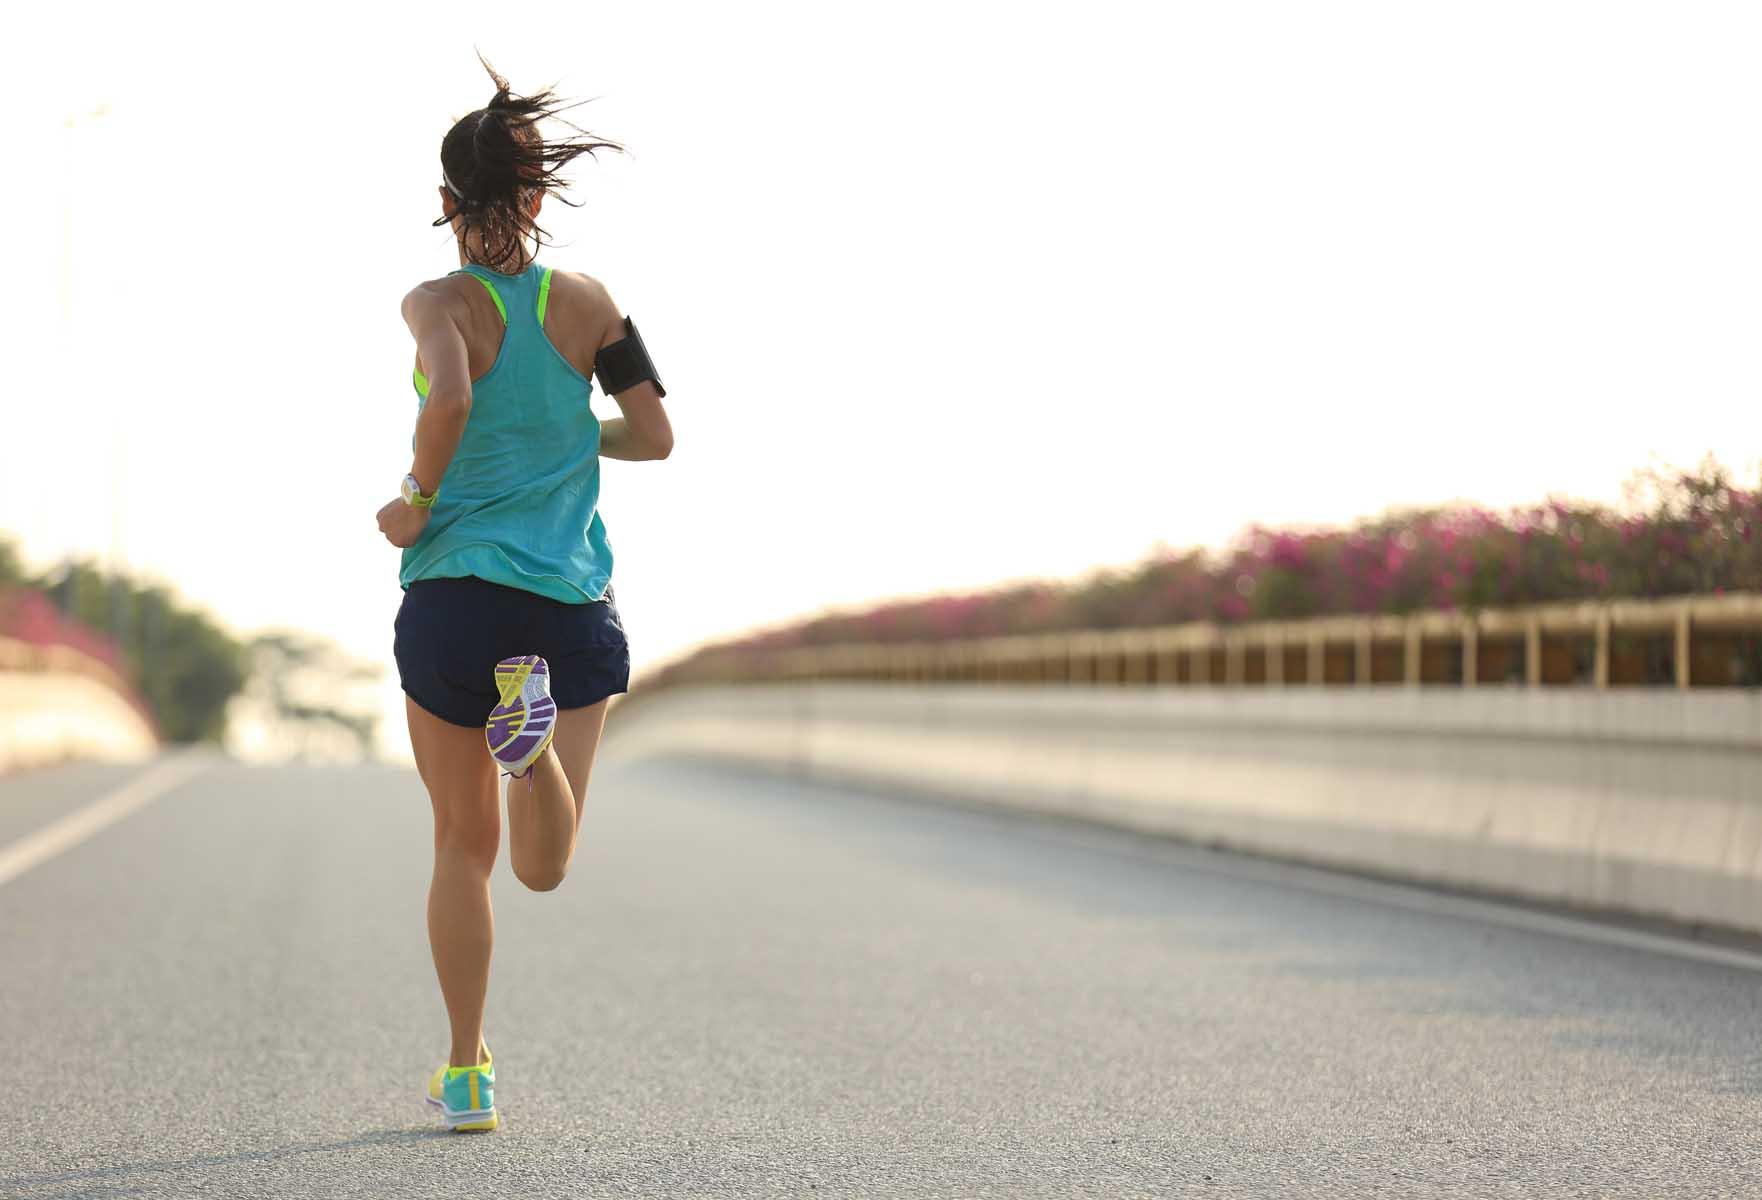 Cómo empezar a correr: 6 consejos imperdibles 1